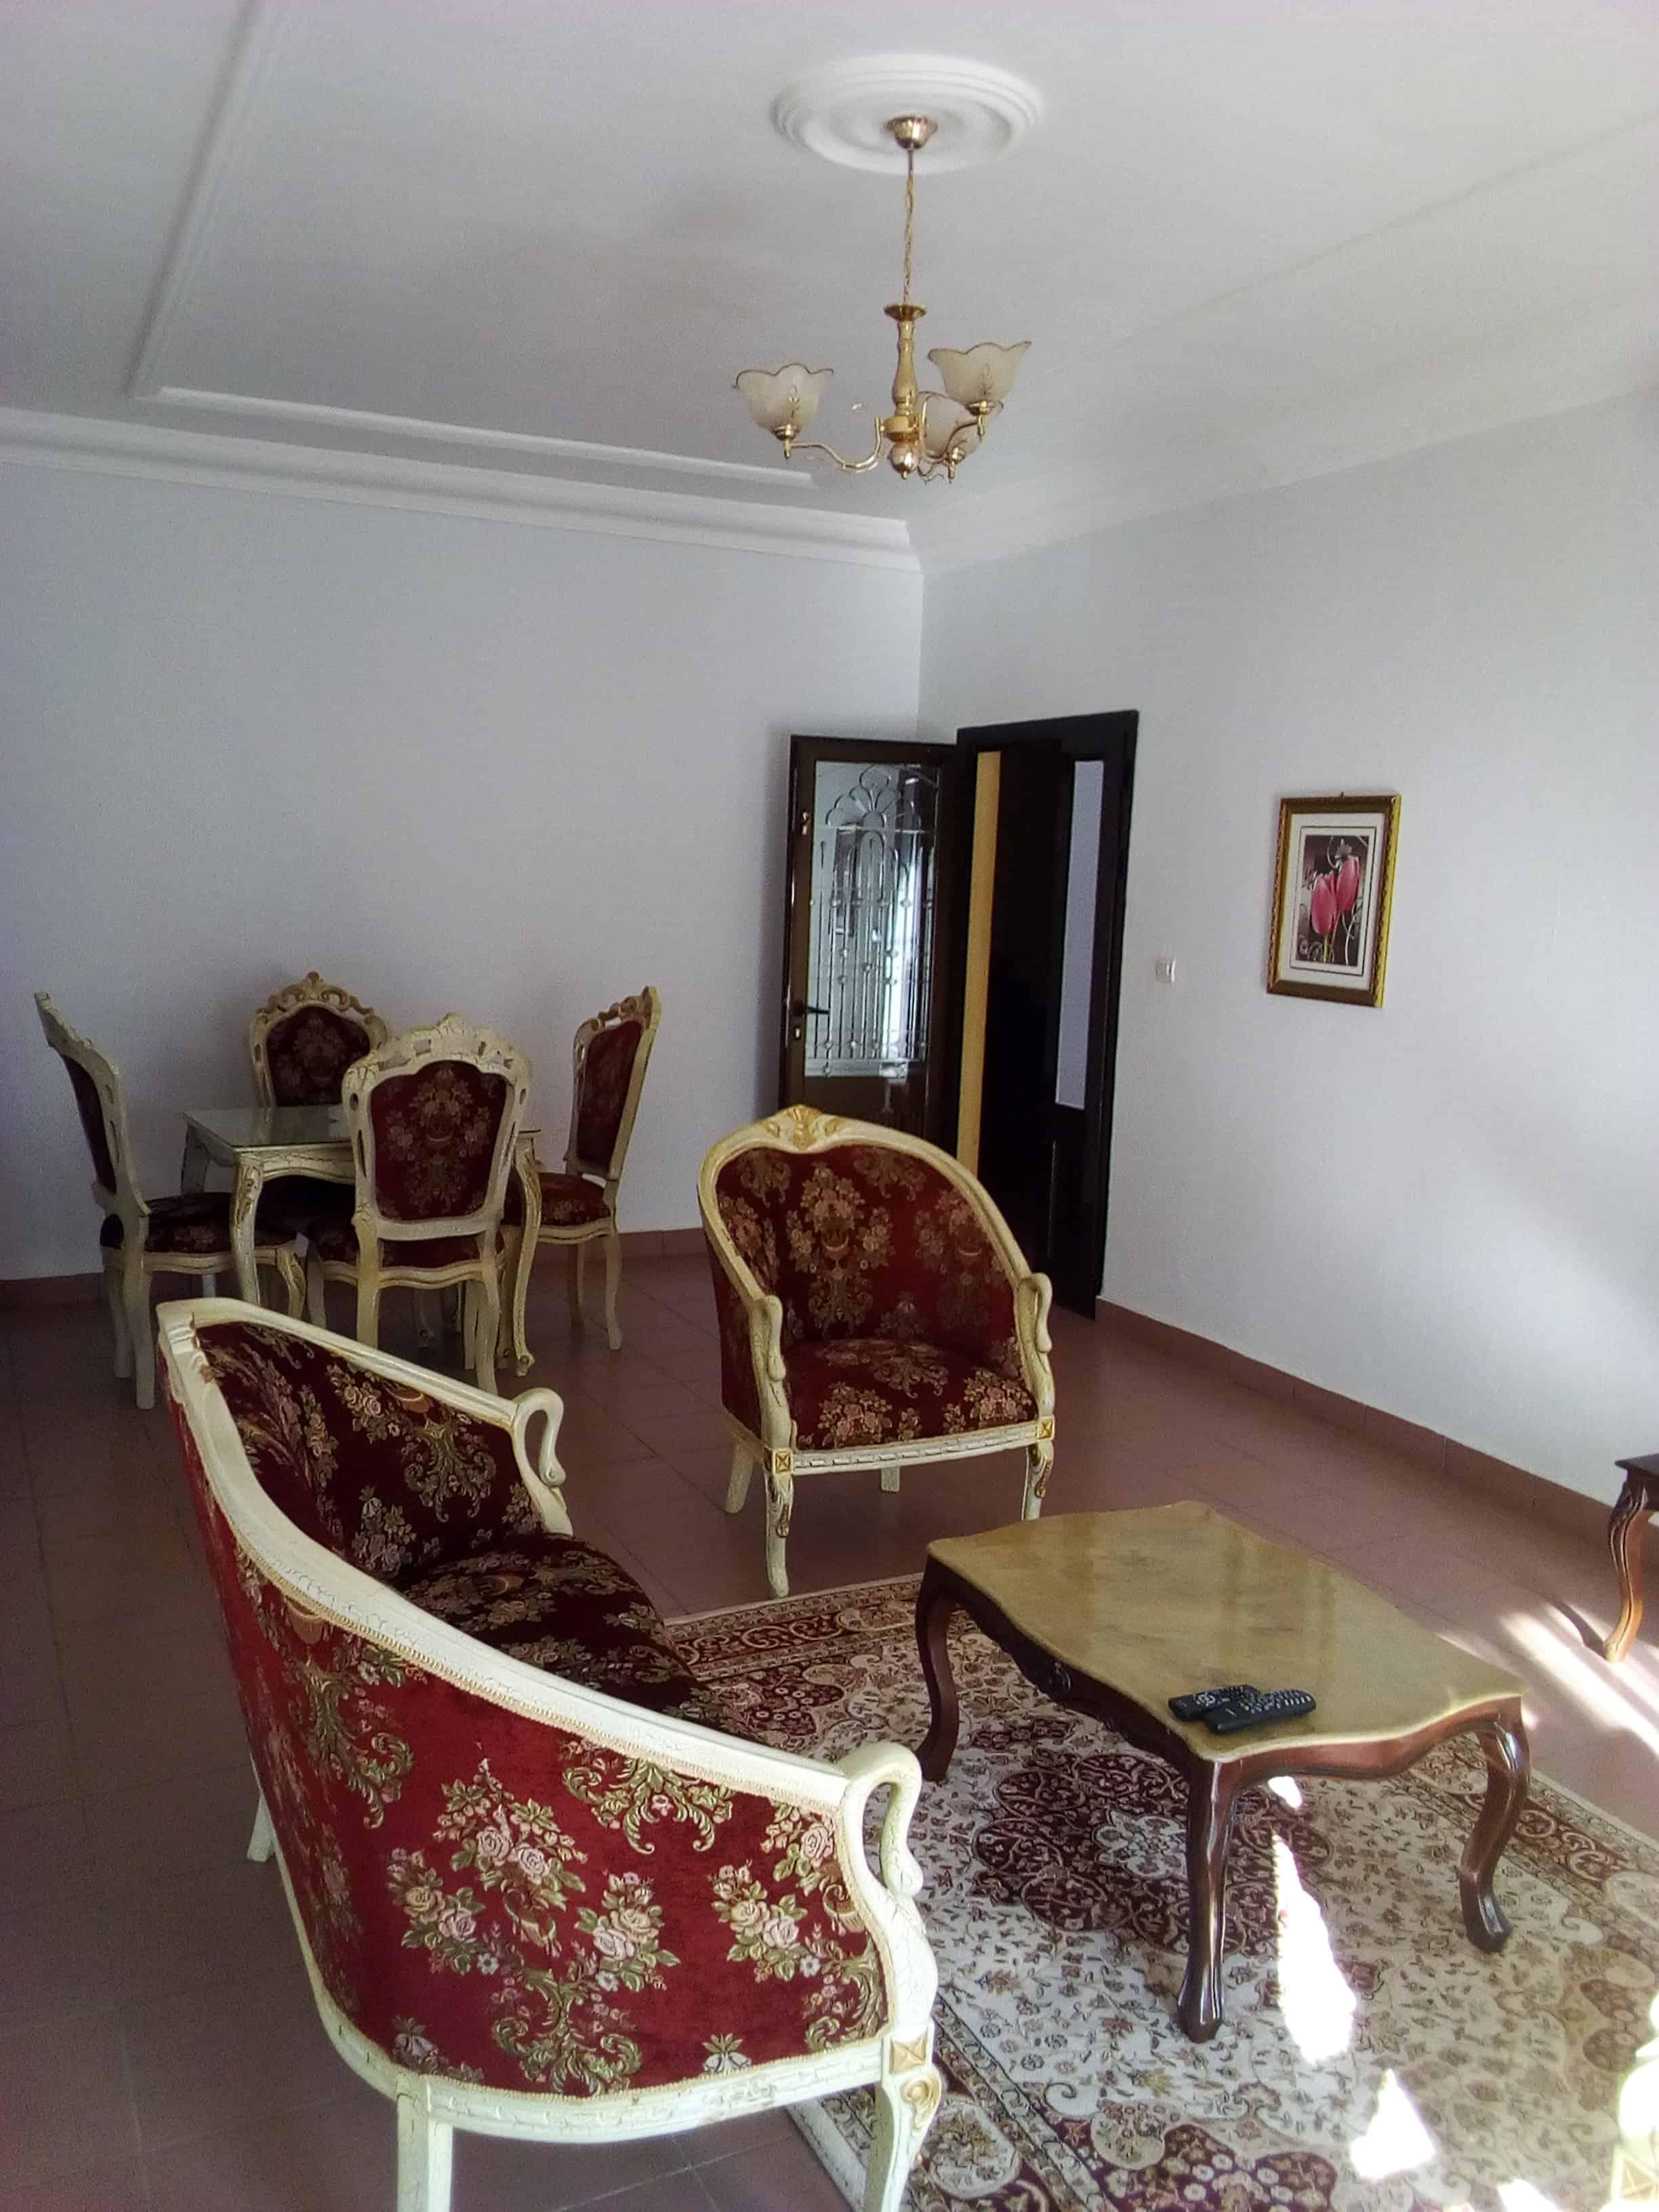 Appartement à louer - Yaoundé, Bastos, pas loin de lorient rouge - 1 salon(s), 2 chambre(s), 3 salle(s) de bains - 800 000 FCFA / mois